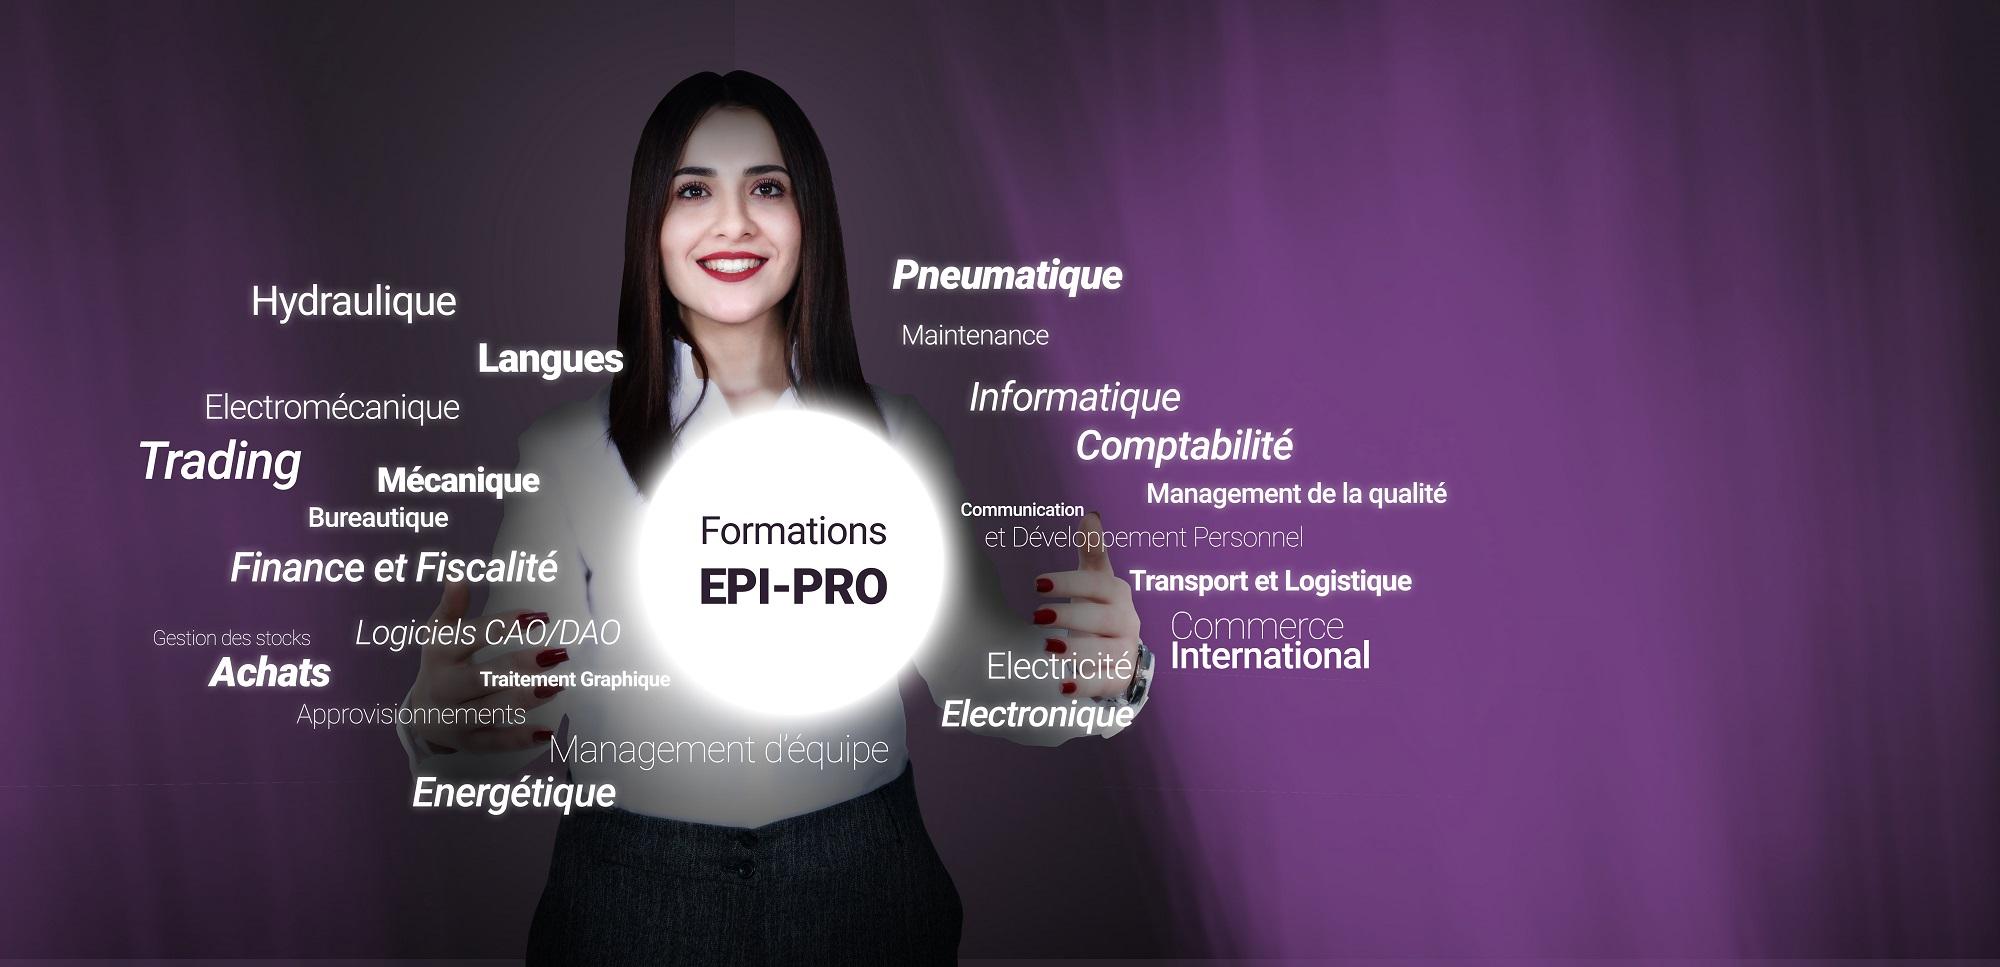 Epi-pro1